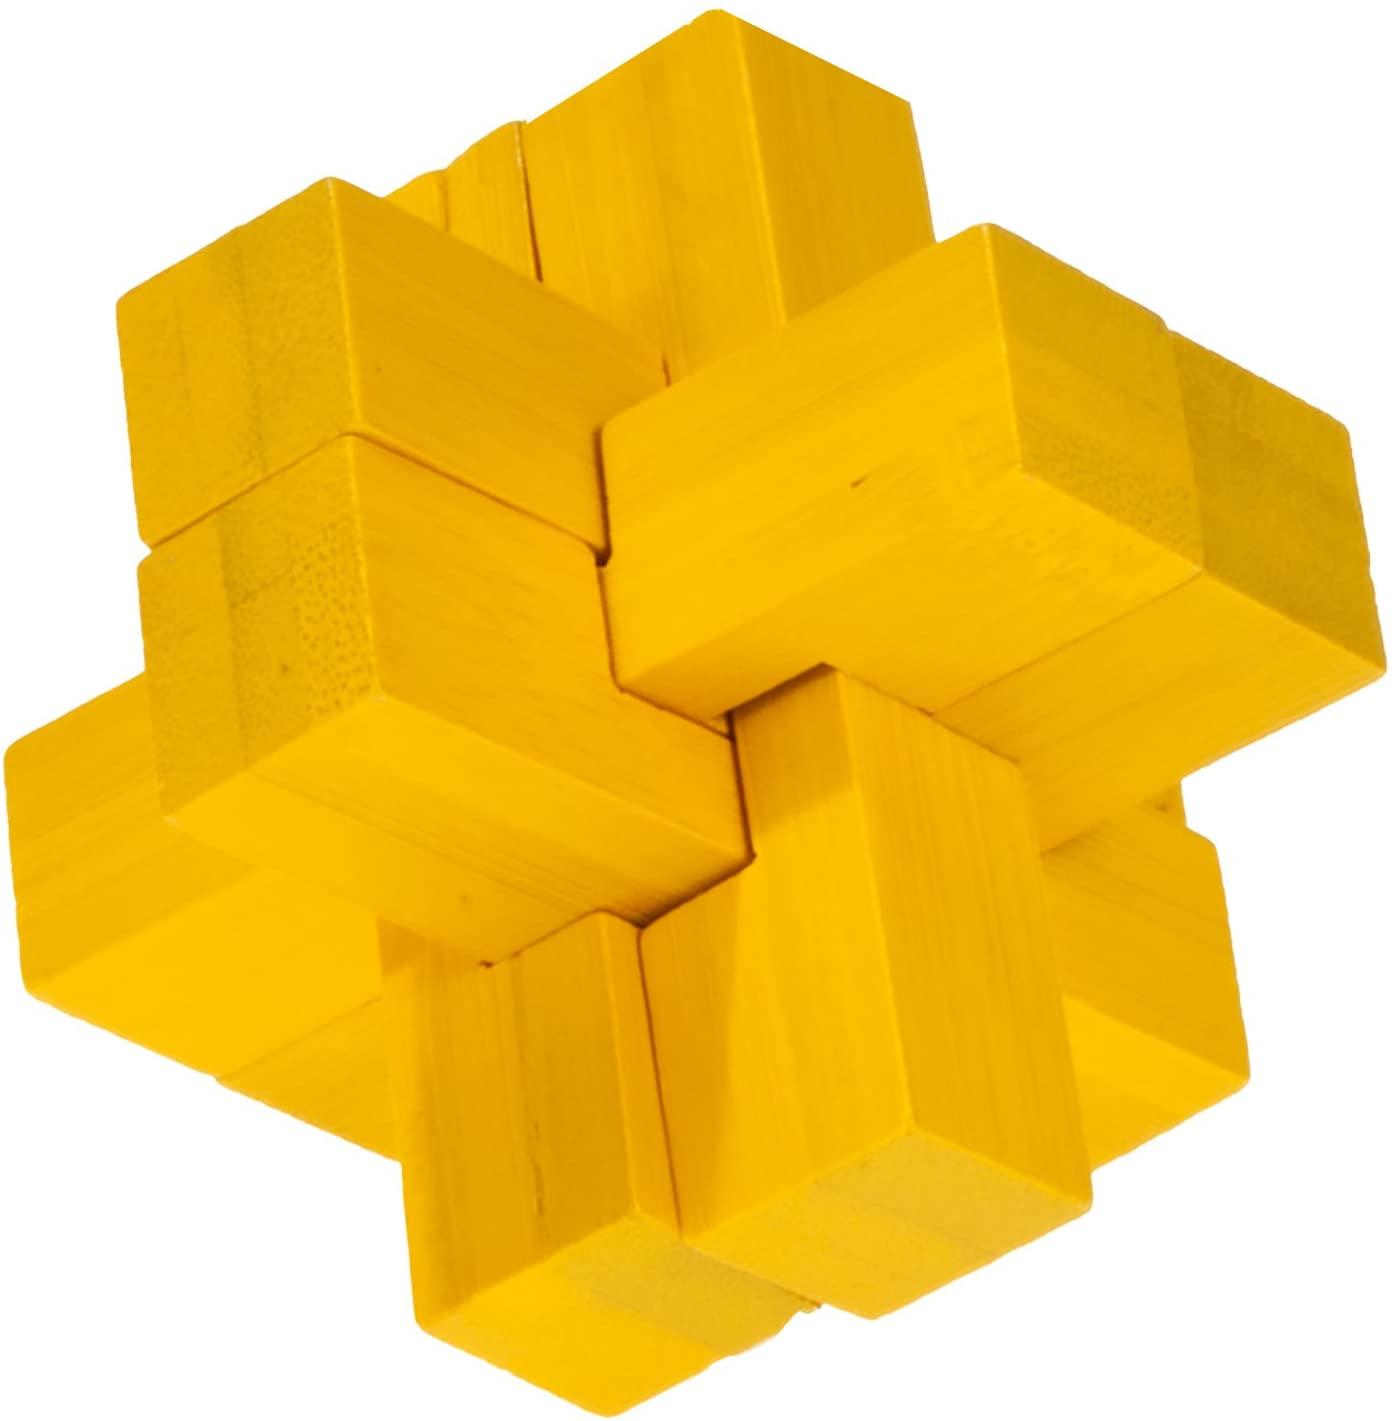 Fridolin - Casse-tête bambou La croix jaune